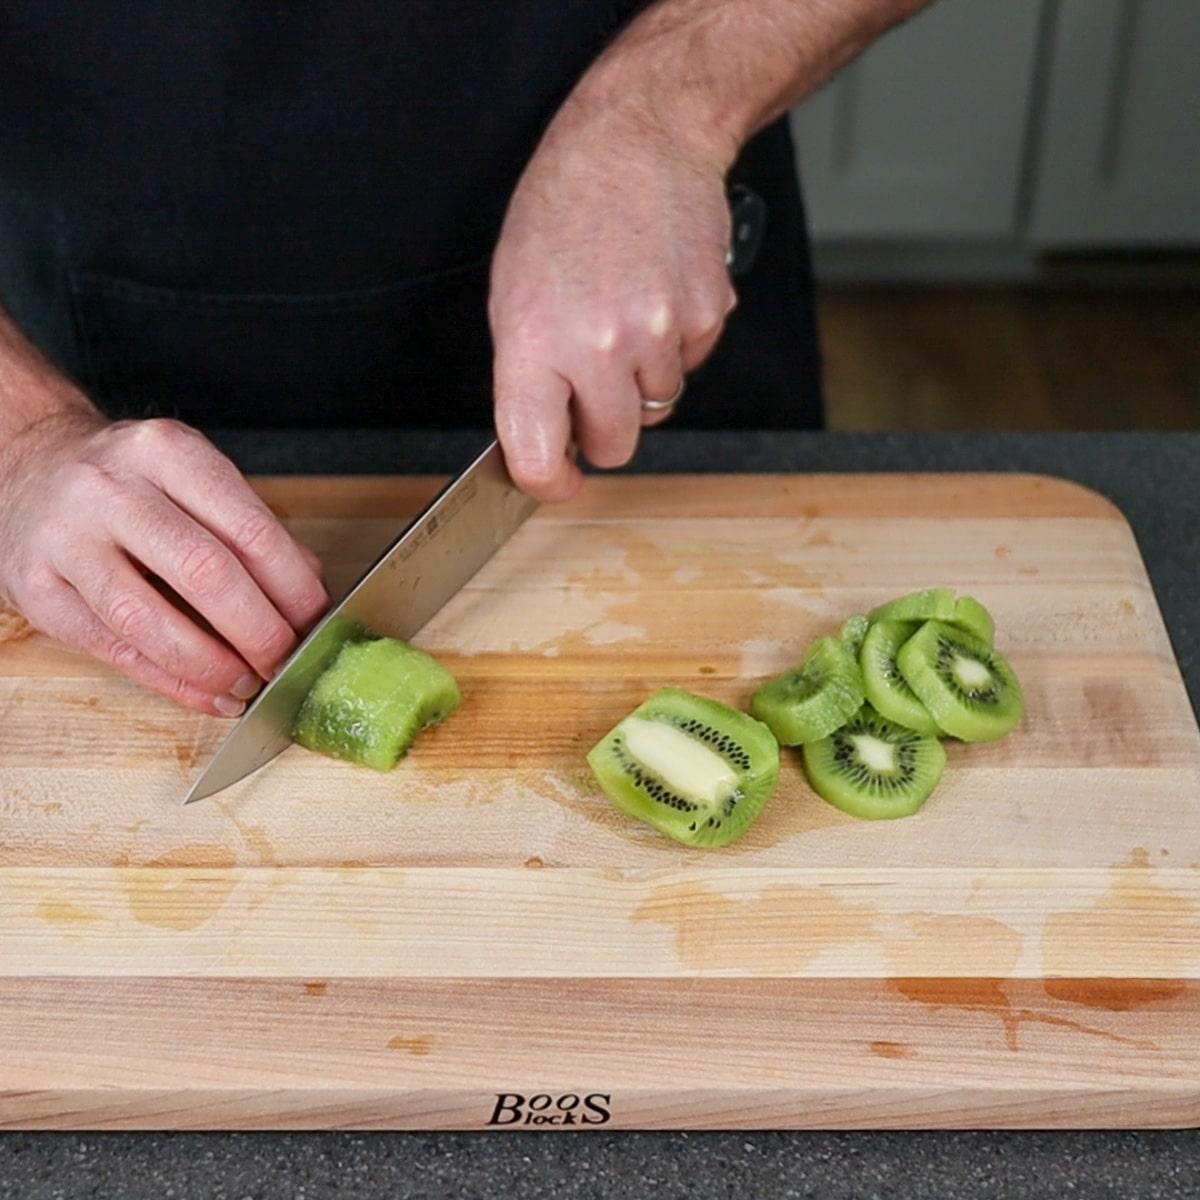 cutting half slices of kiwi fruit